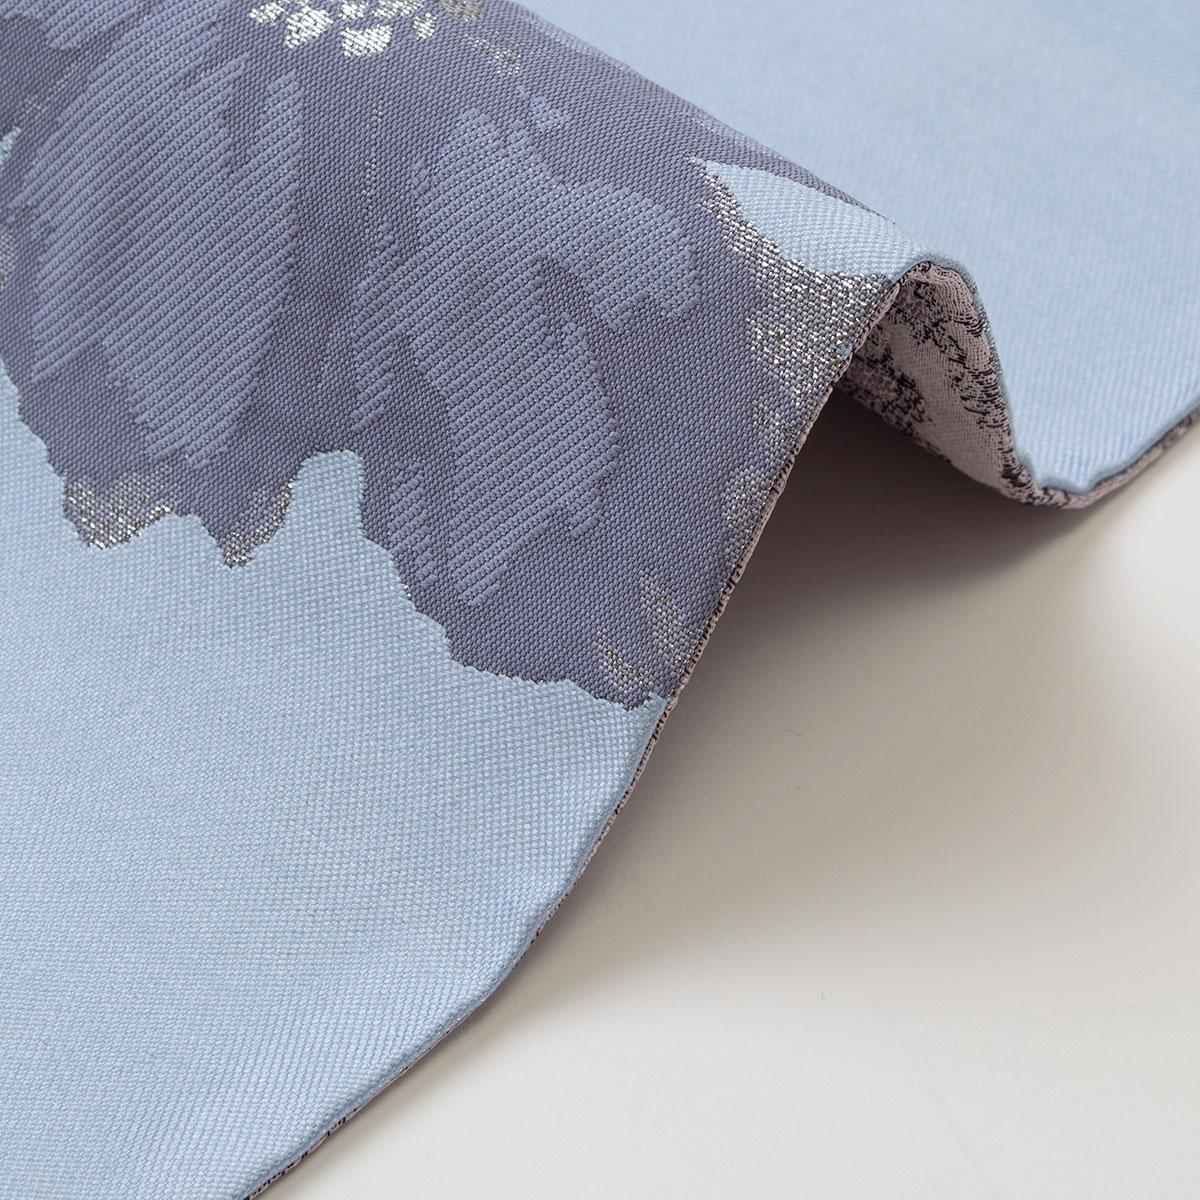 着物屋 くるり リバーシブル 半幅帯 フラワー ライトブルー